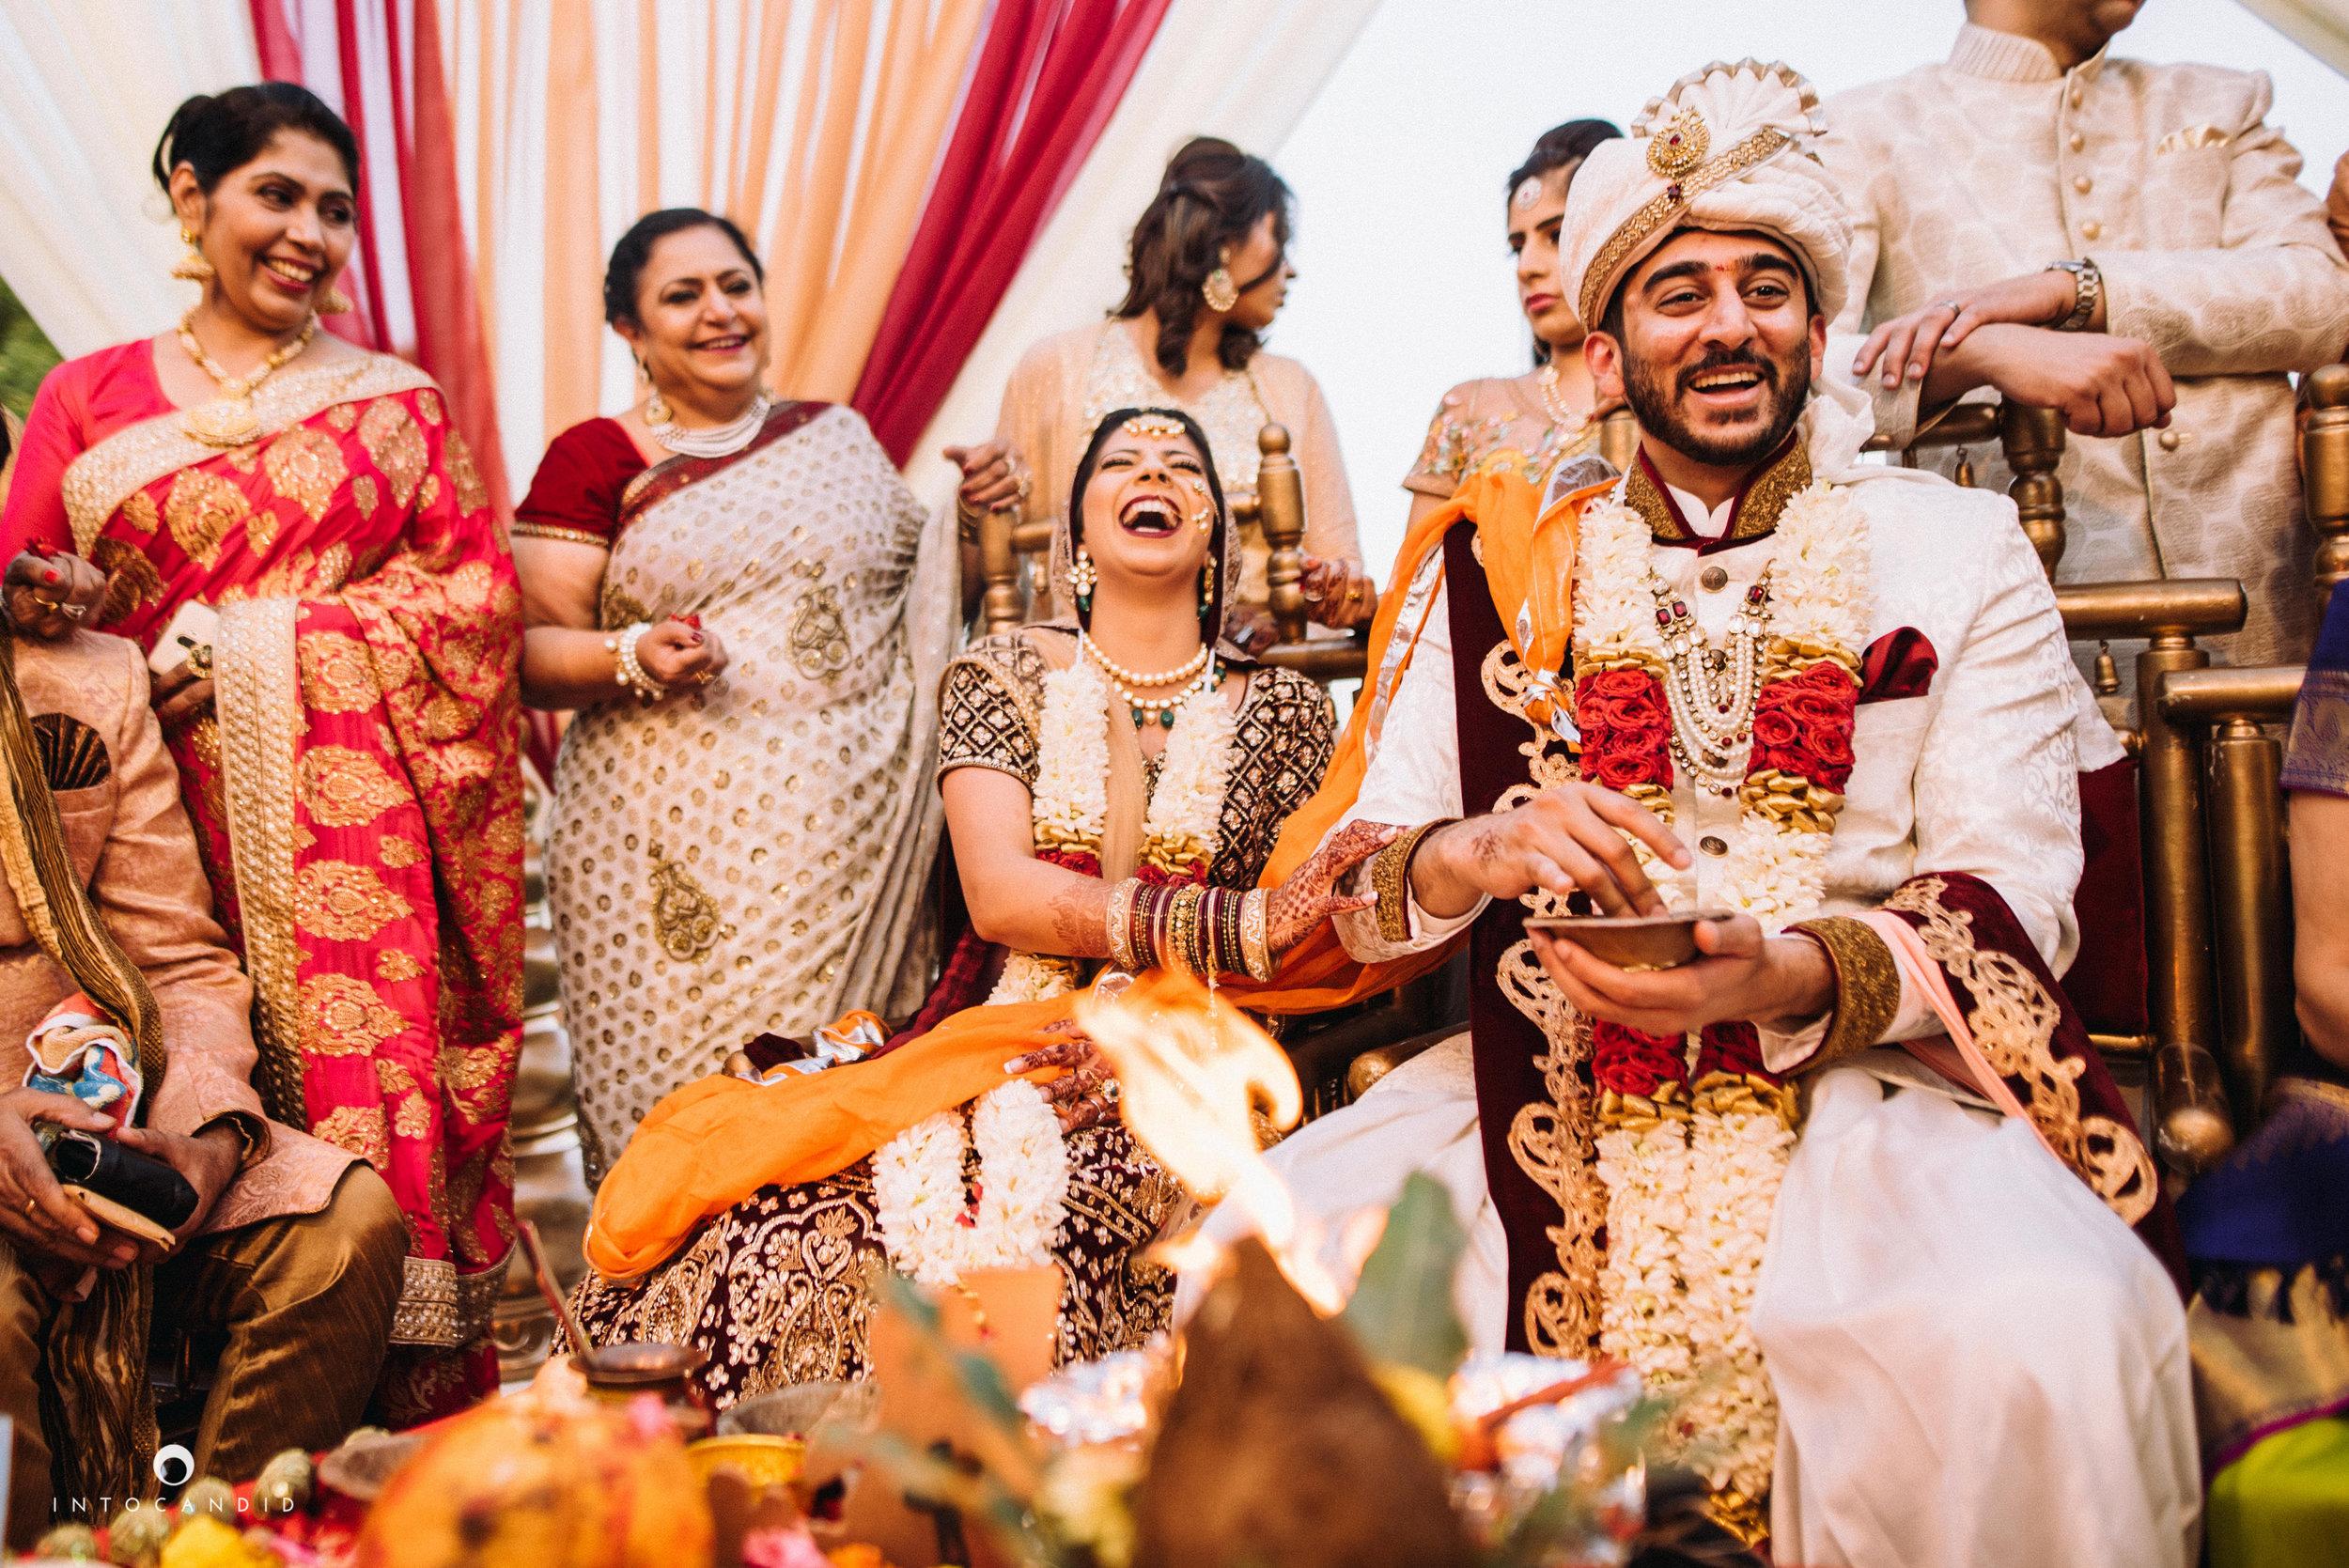 Dubai_Wedding_Photographer_44.JPG